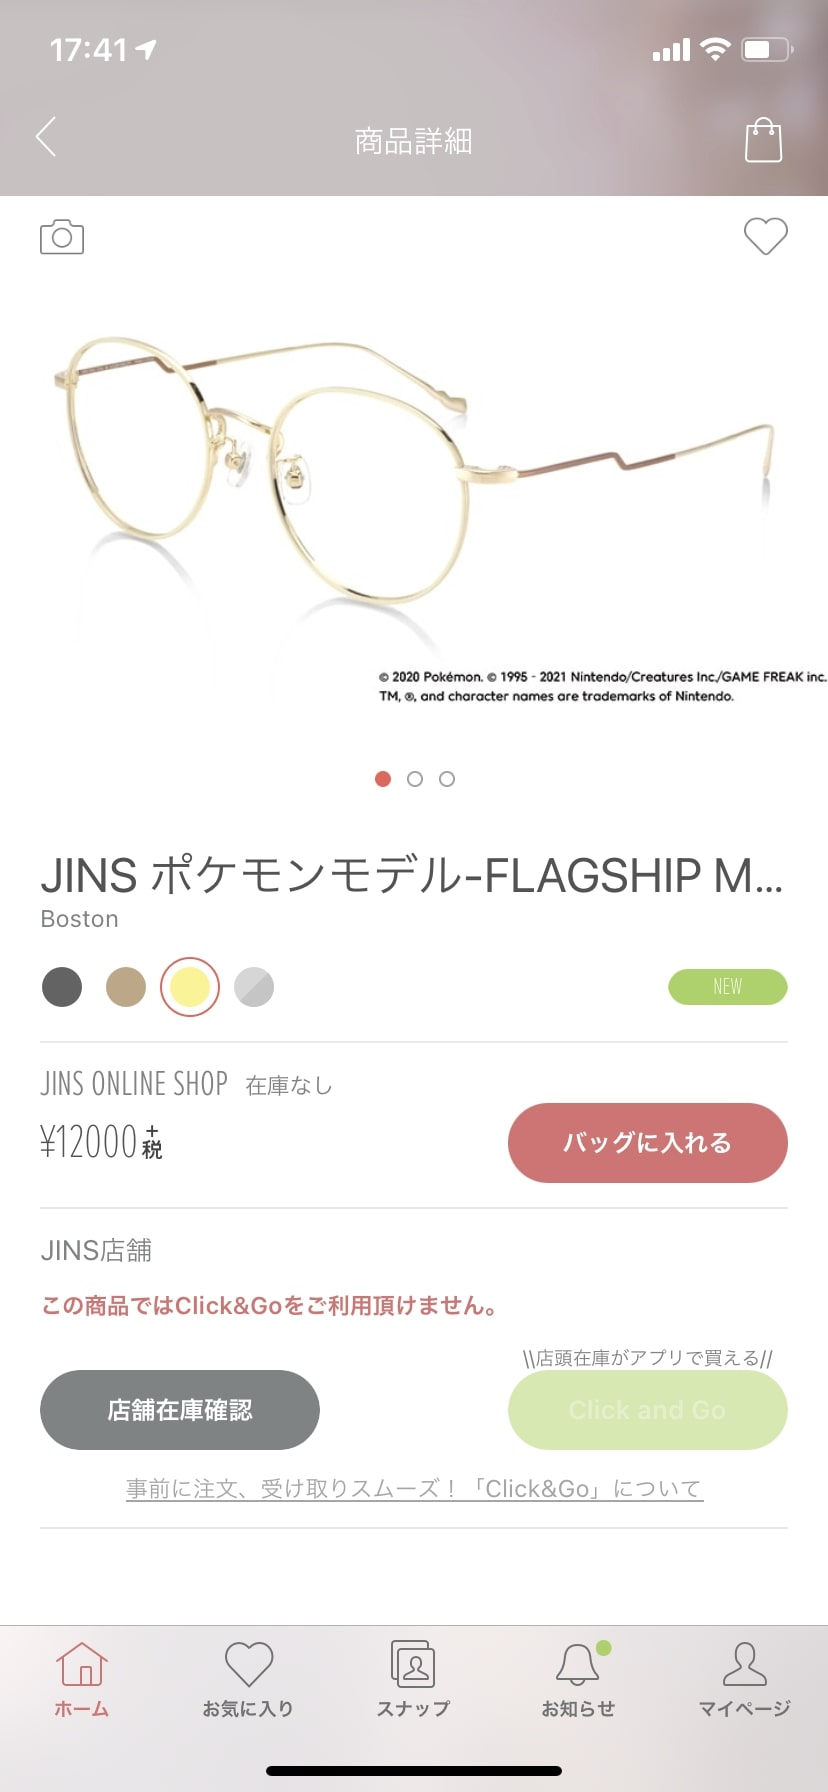 JINSポケモンモデル ピカチュウモデル売り切れ